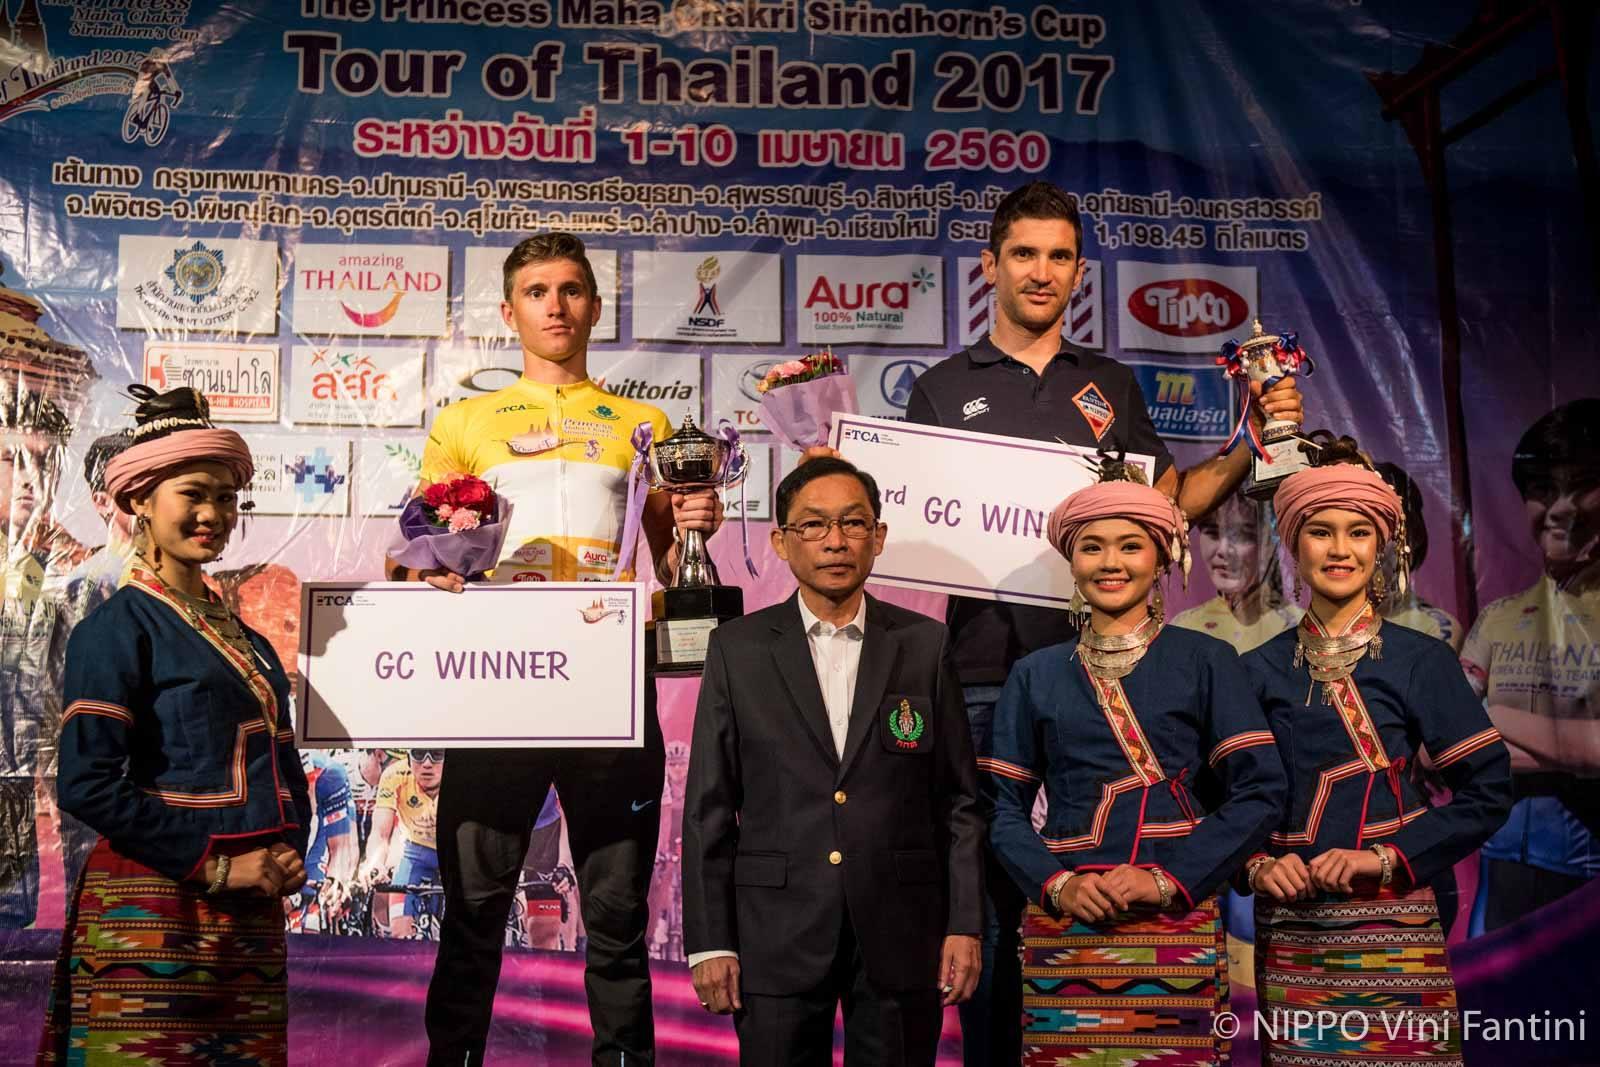 Alan Marangoni sale sul terzo gradino del podio della classifica finale del Tour of Thailand 2017